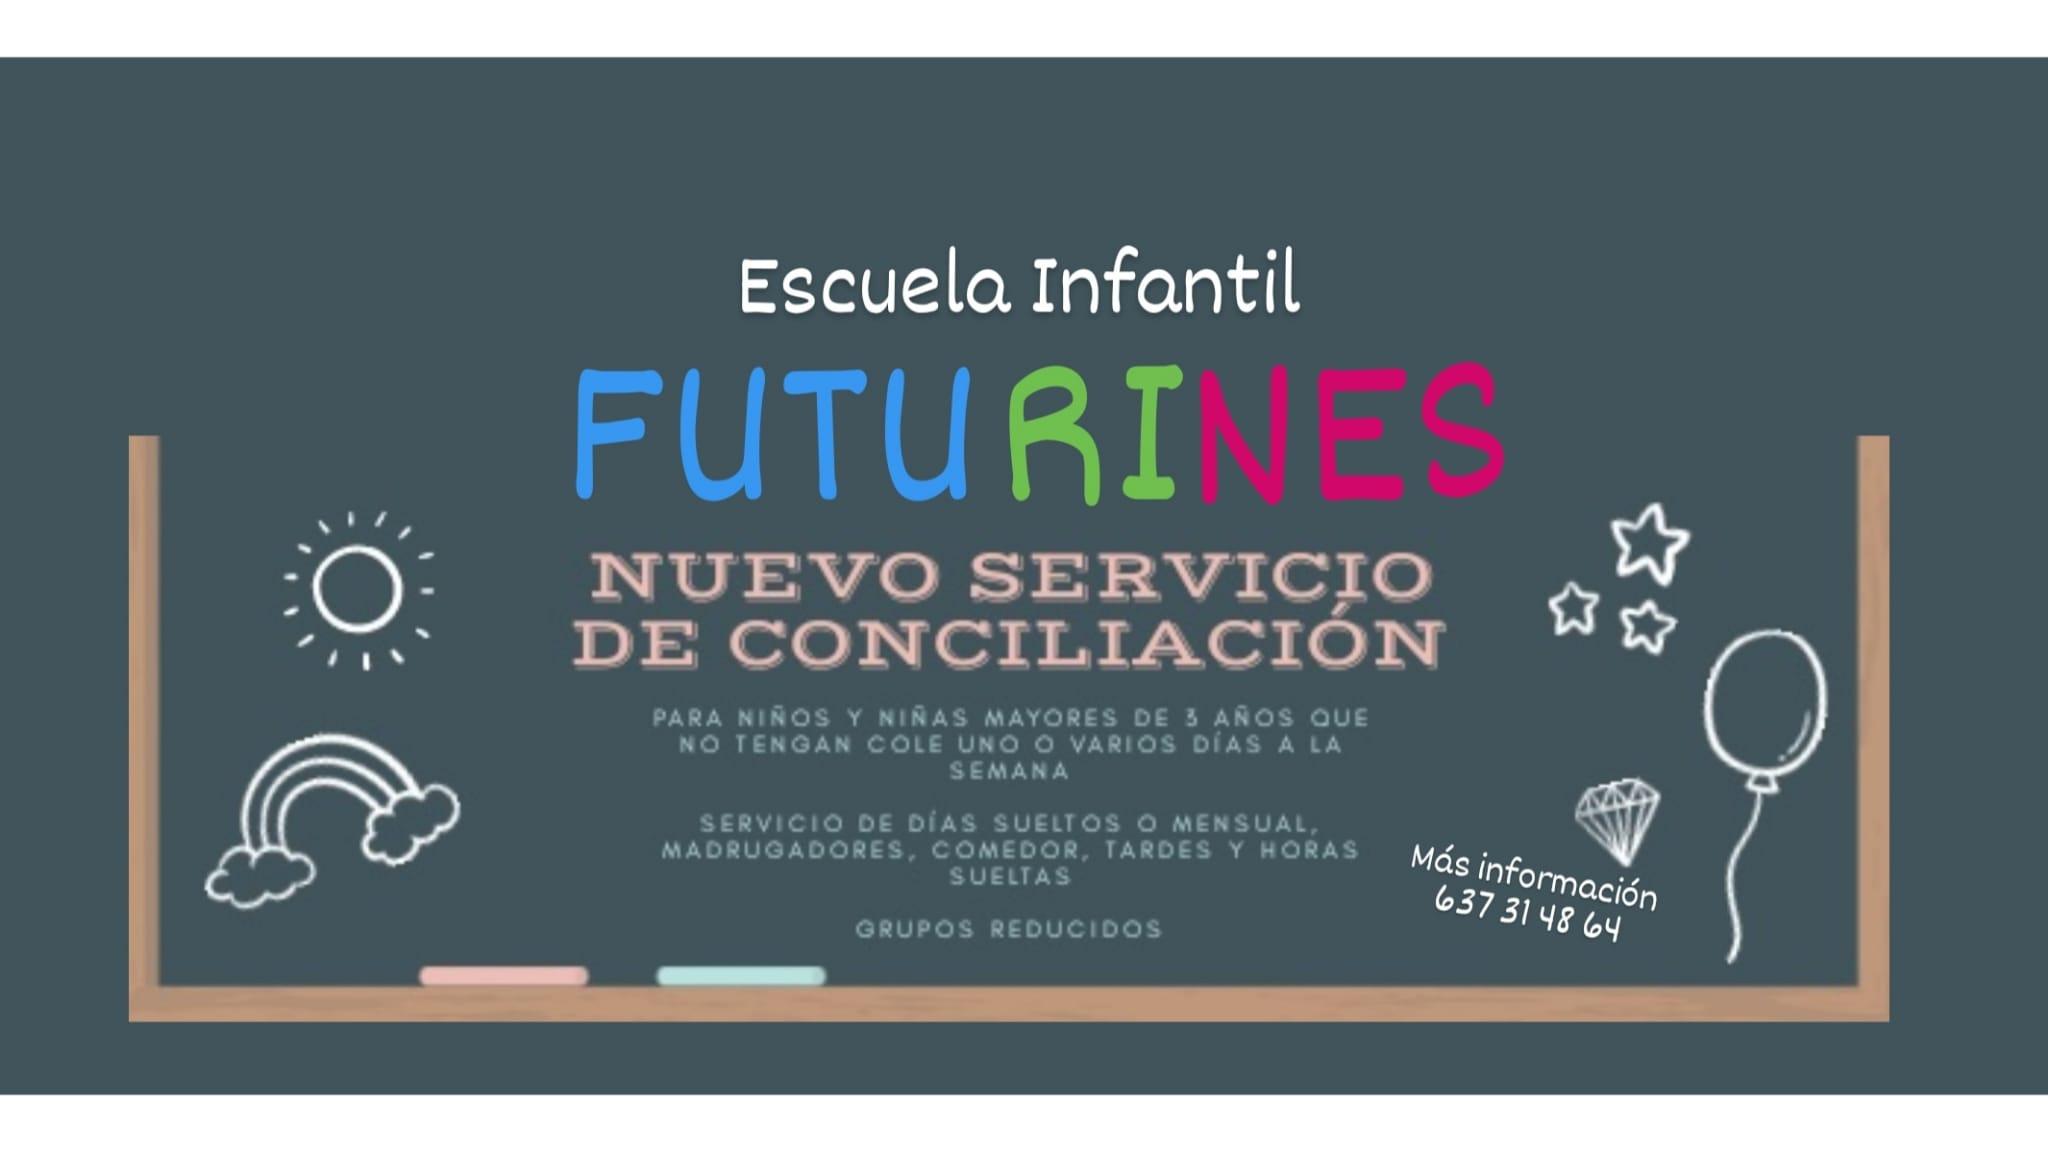 Nuevo Servicio de Conciliación de la Escuela Infantil Futurines en Joven Futura